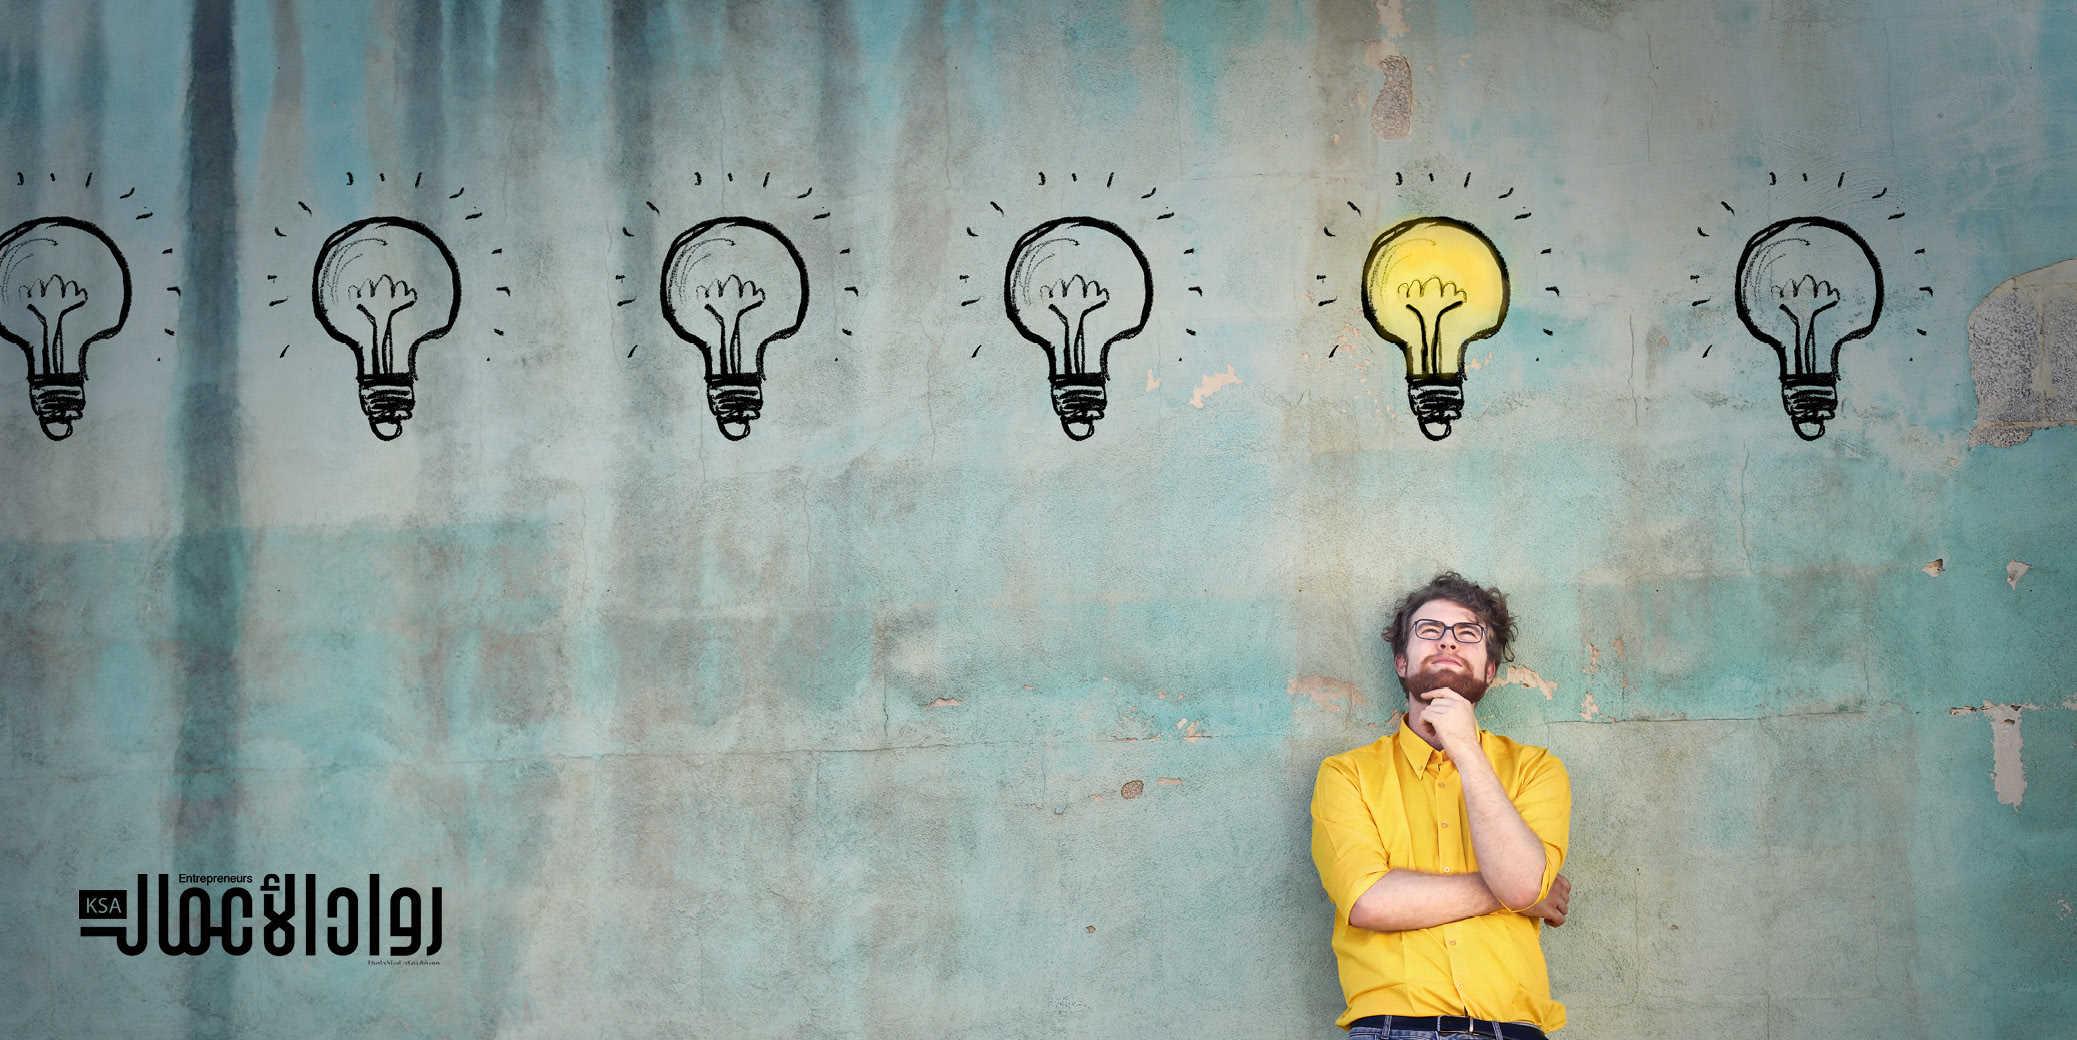 أفكار مشاريع بدون ترك الوظيفة